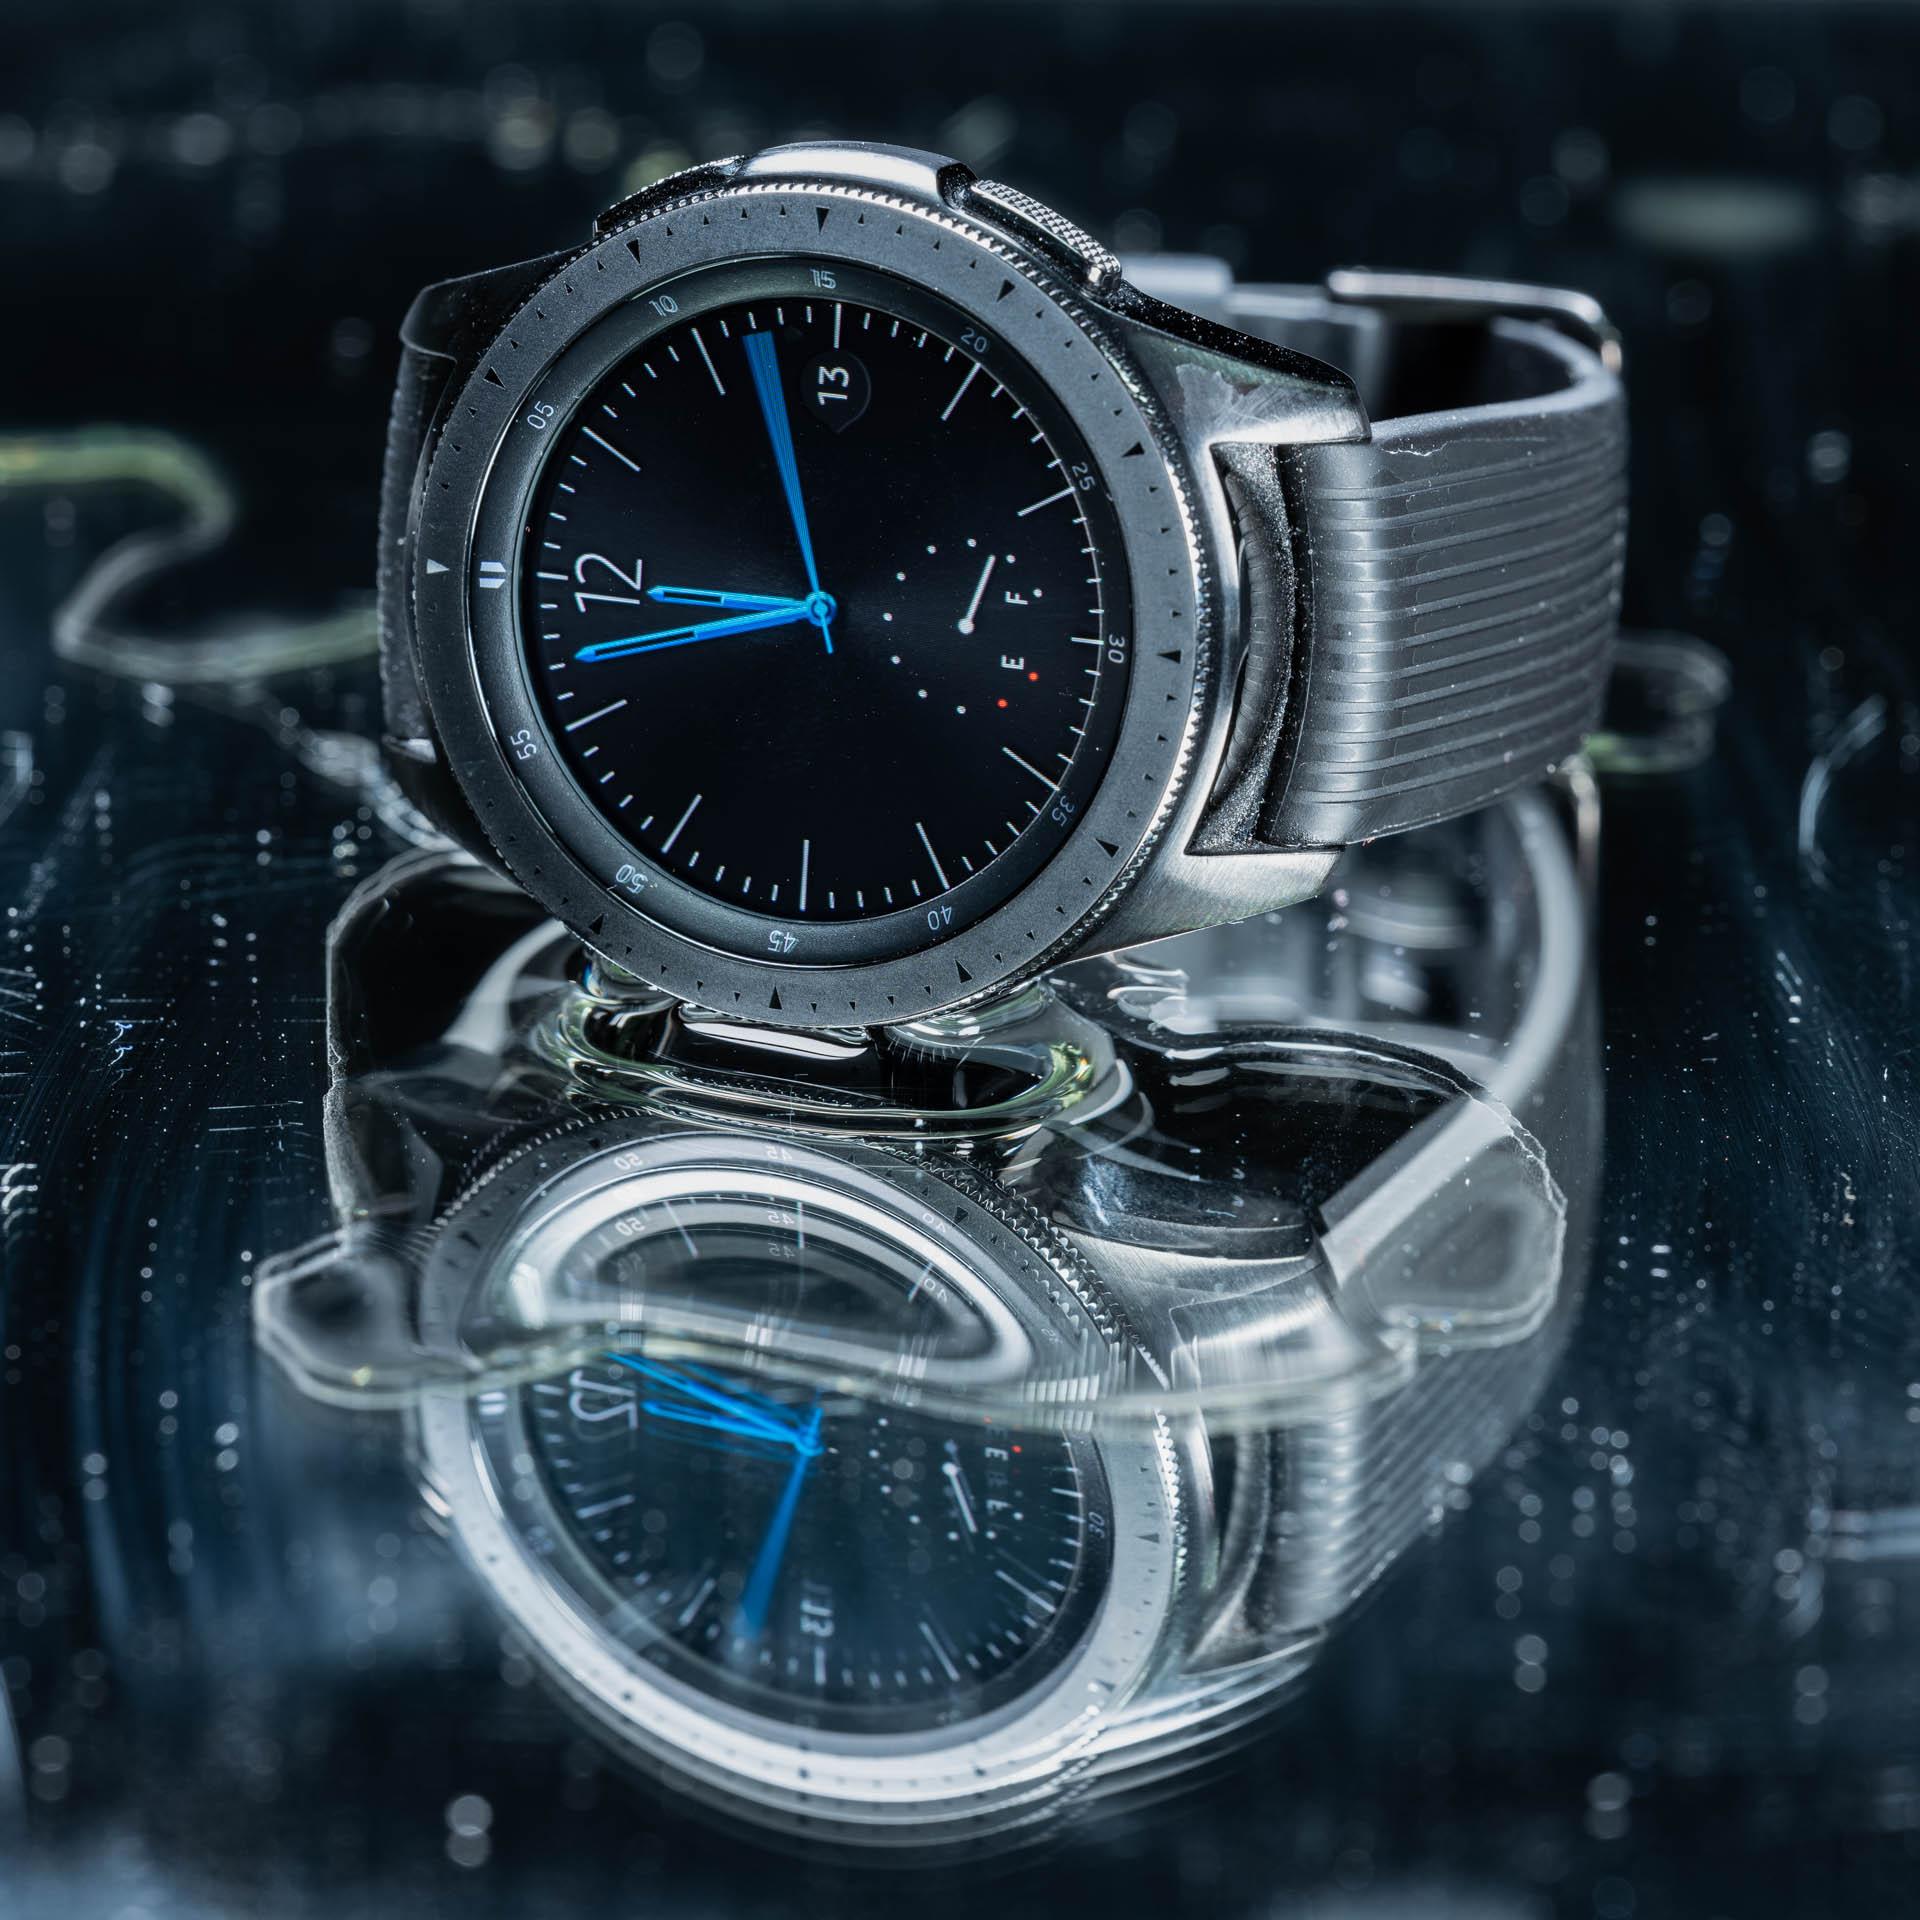 Galaxy watch - (C) IgorFotografie